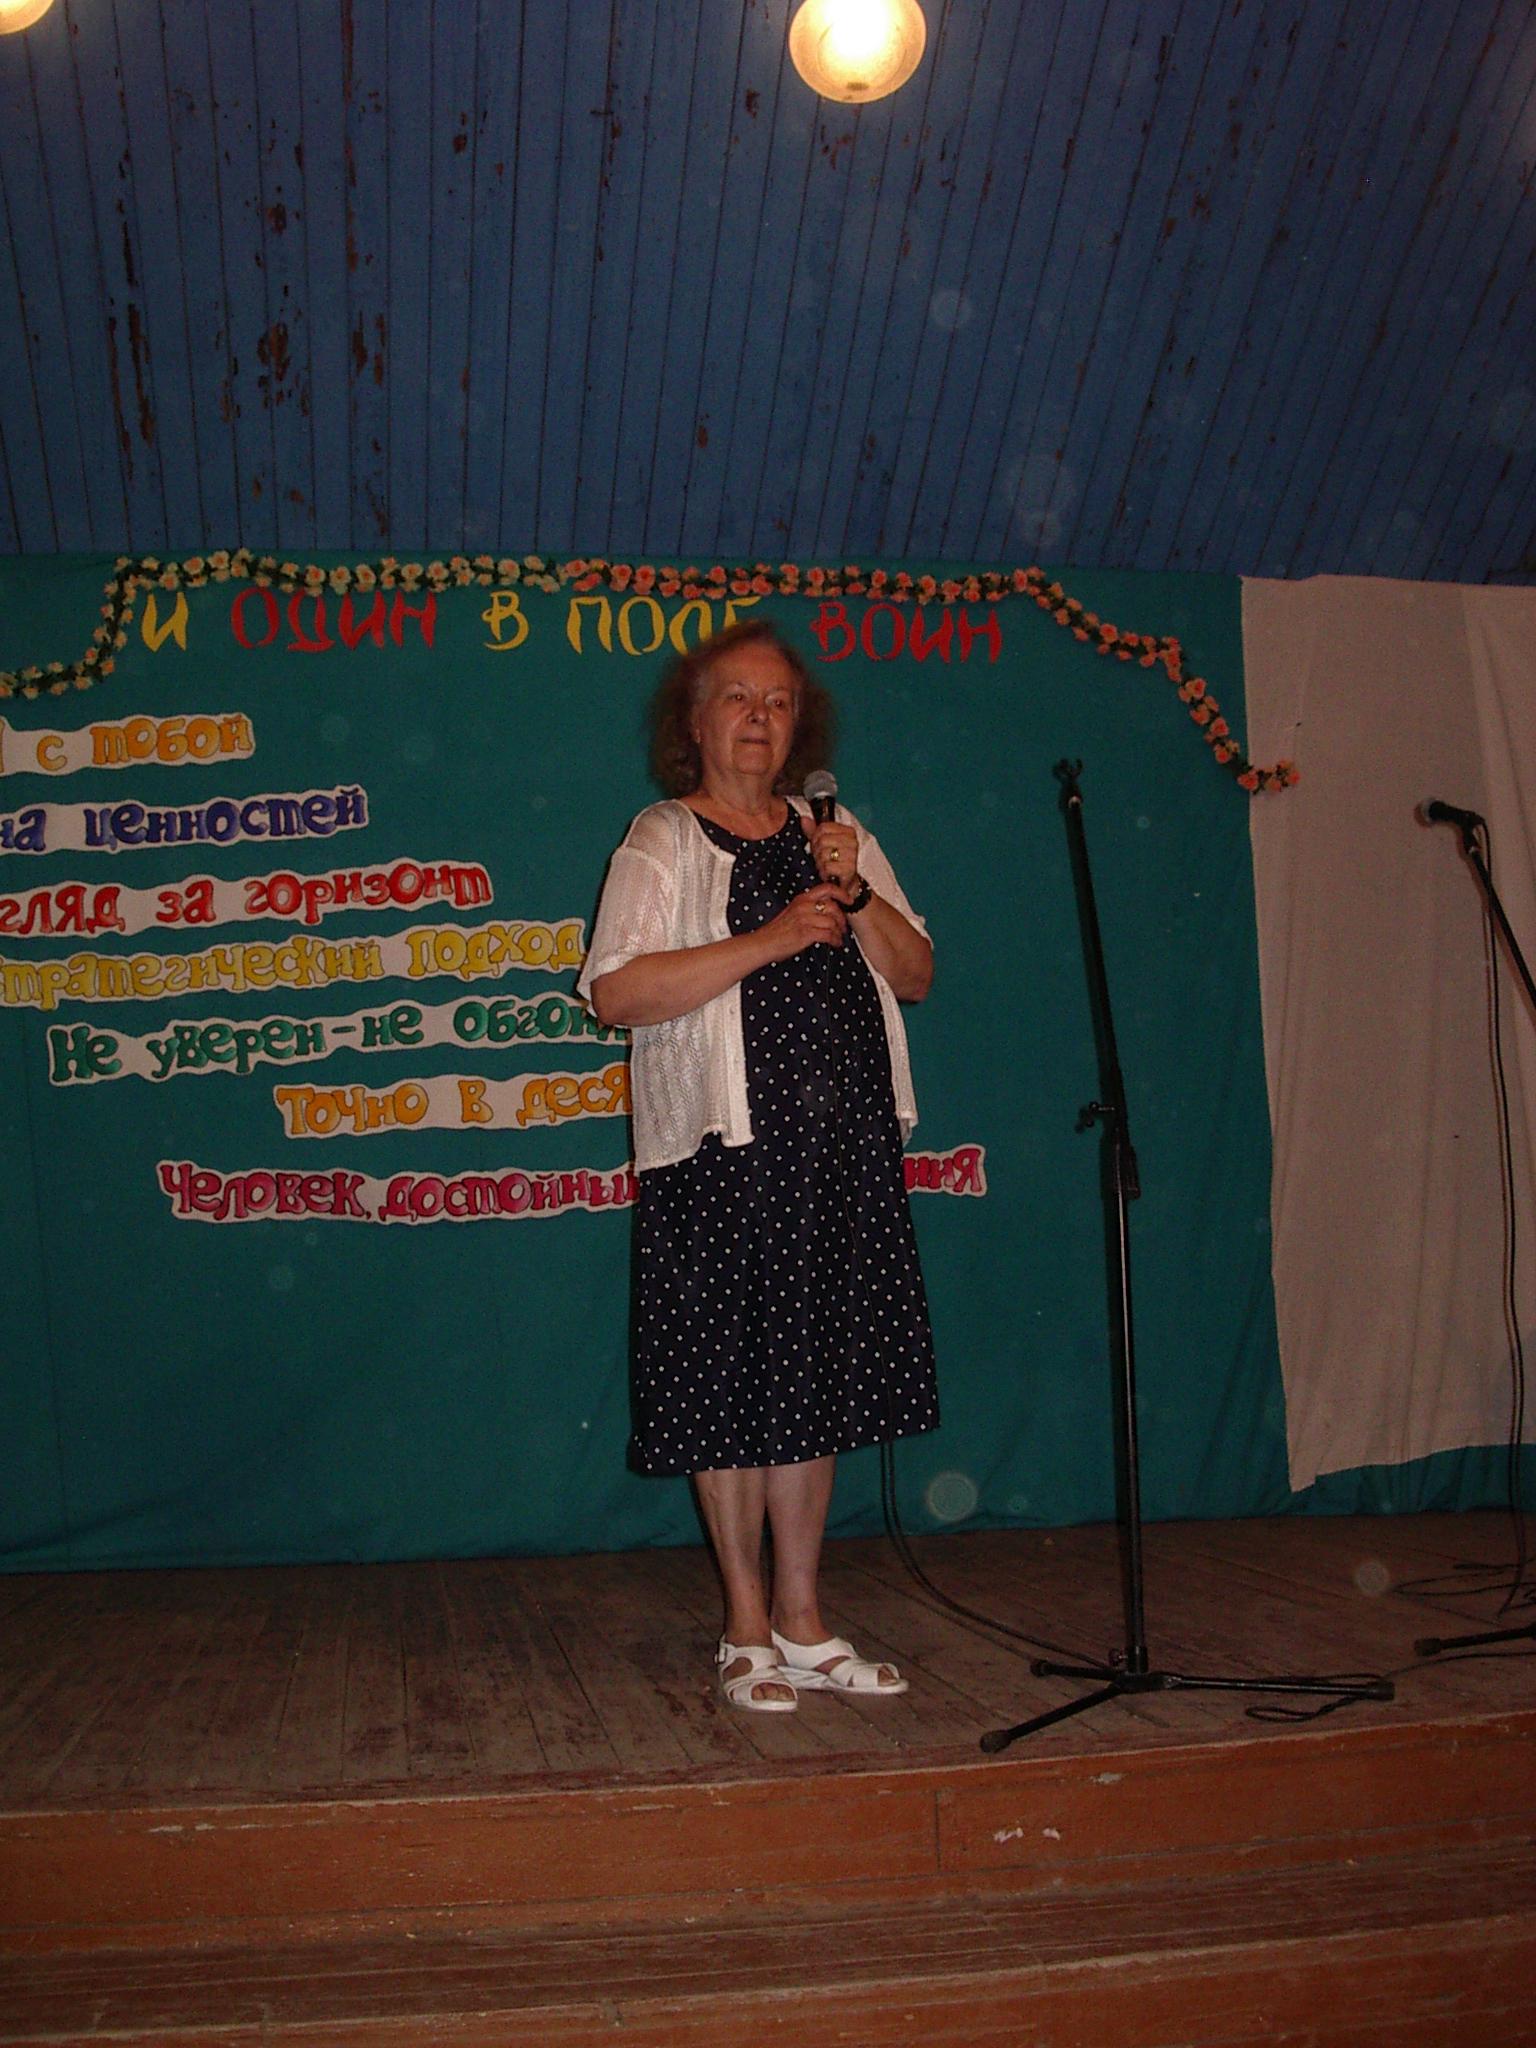 Olga Talks to Campers